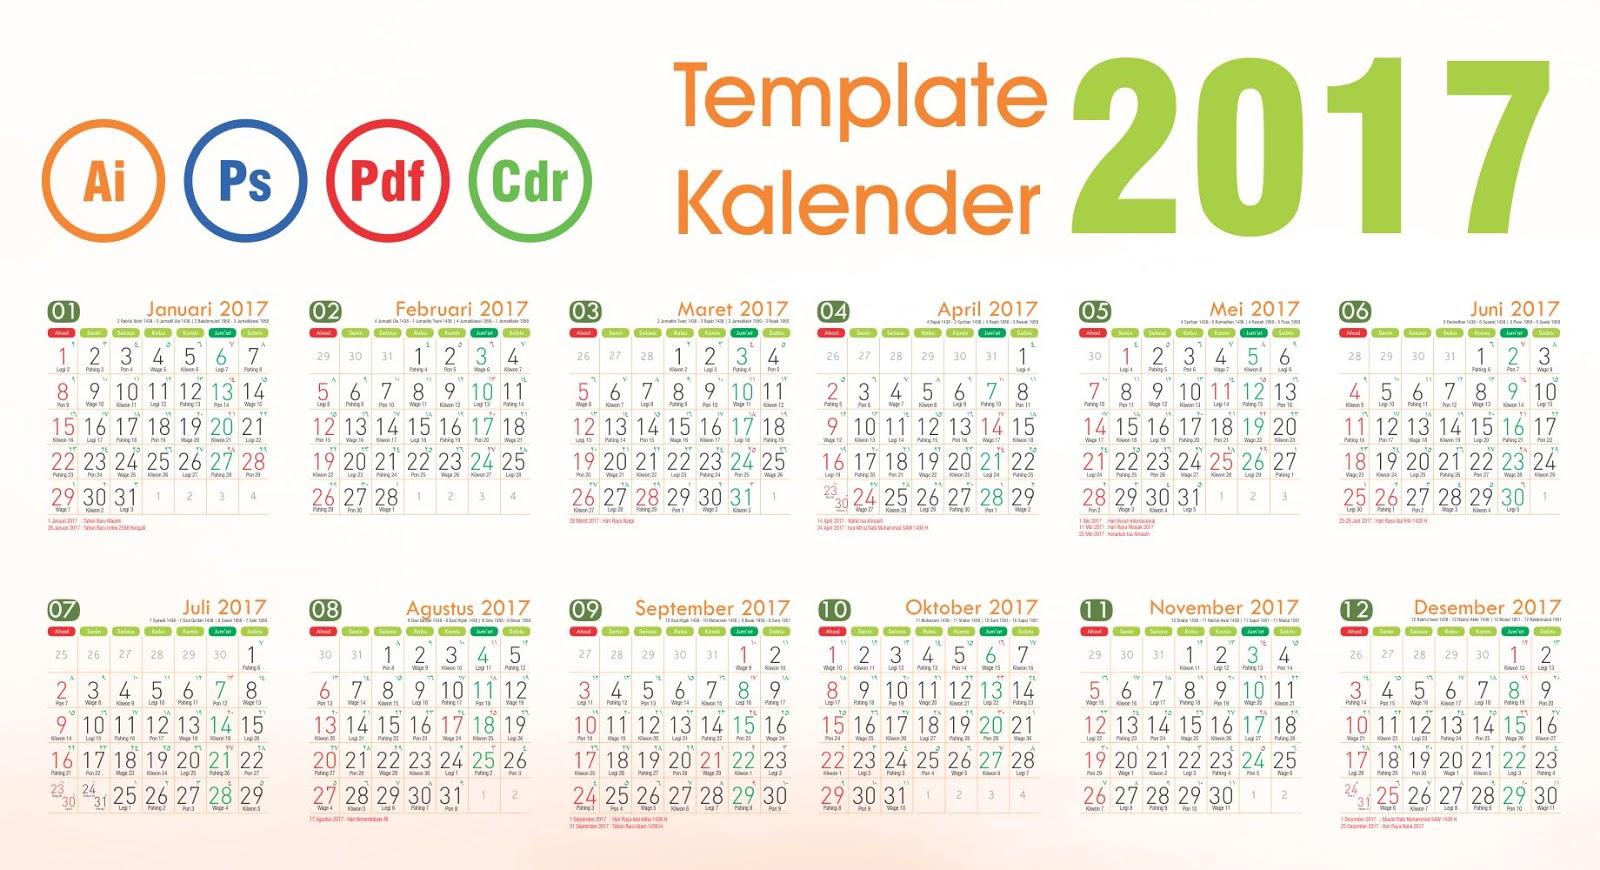 Template kalender 2017 undangan, kalender dinding 2017, kalender meja ...